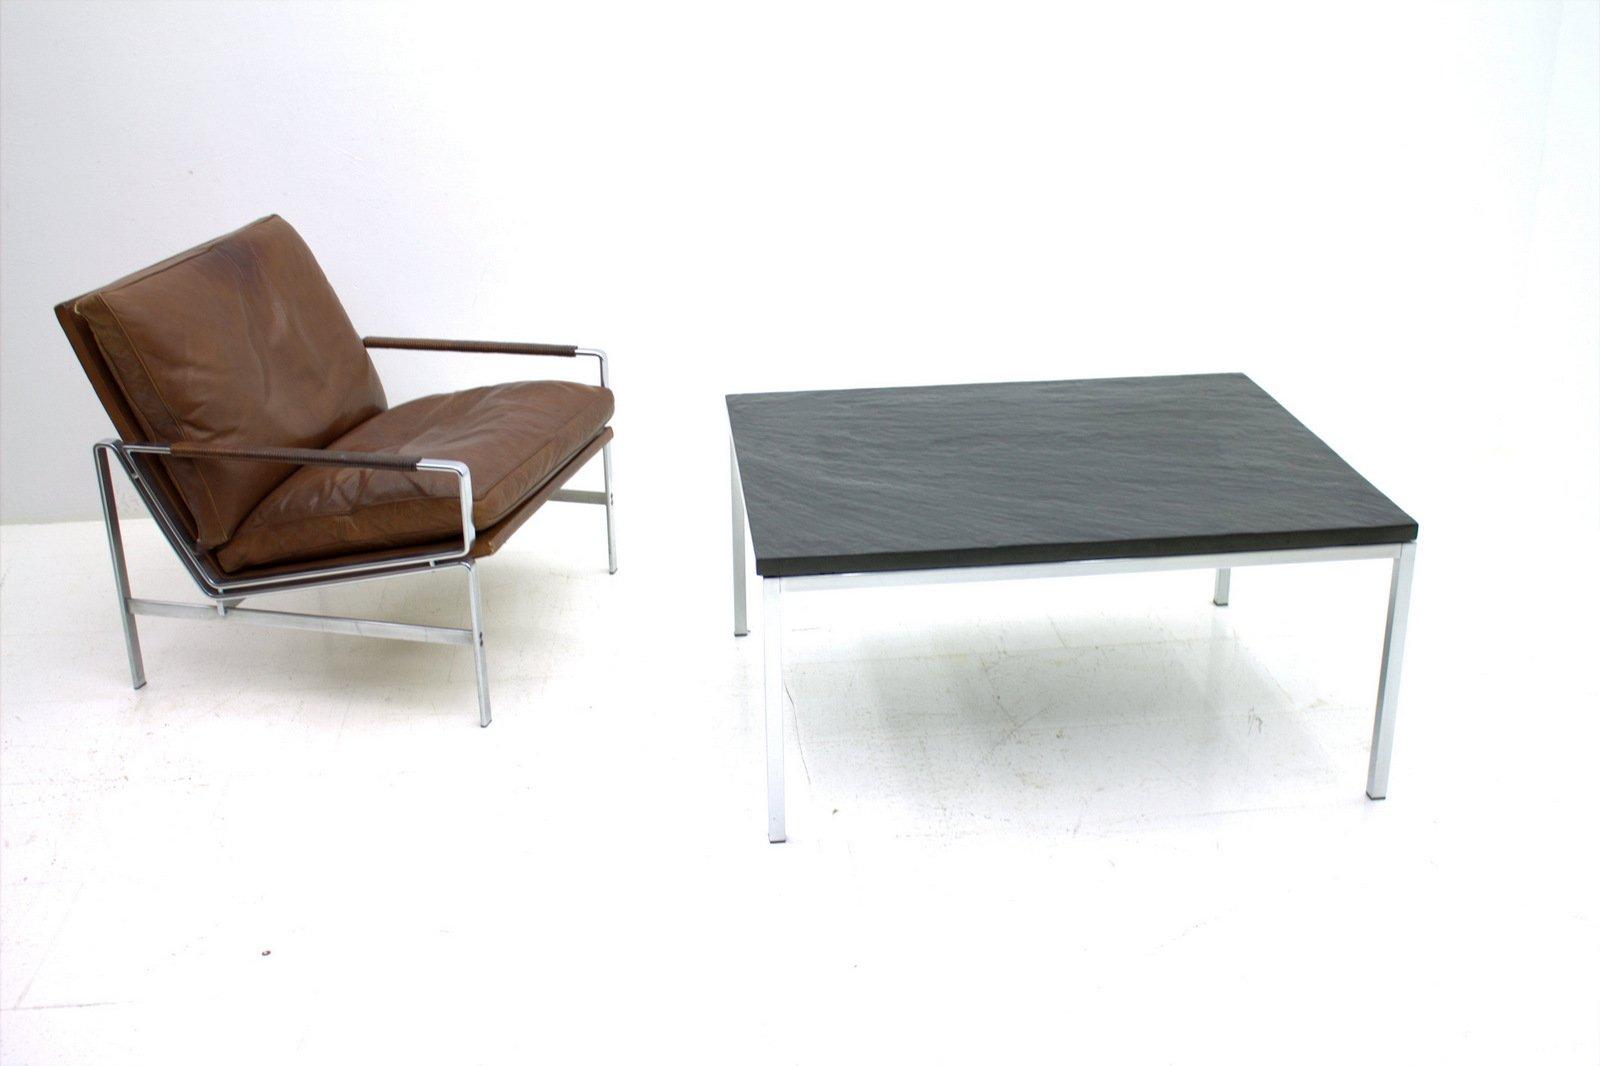 table basse par florence knoll bassett pour knoll en vente sur pamono. Black Bedroom Furniture Sets. Home Design Ideas